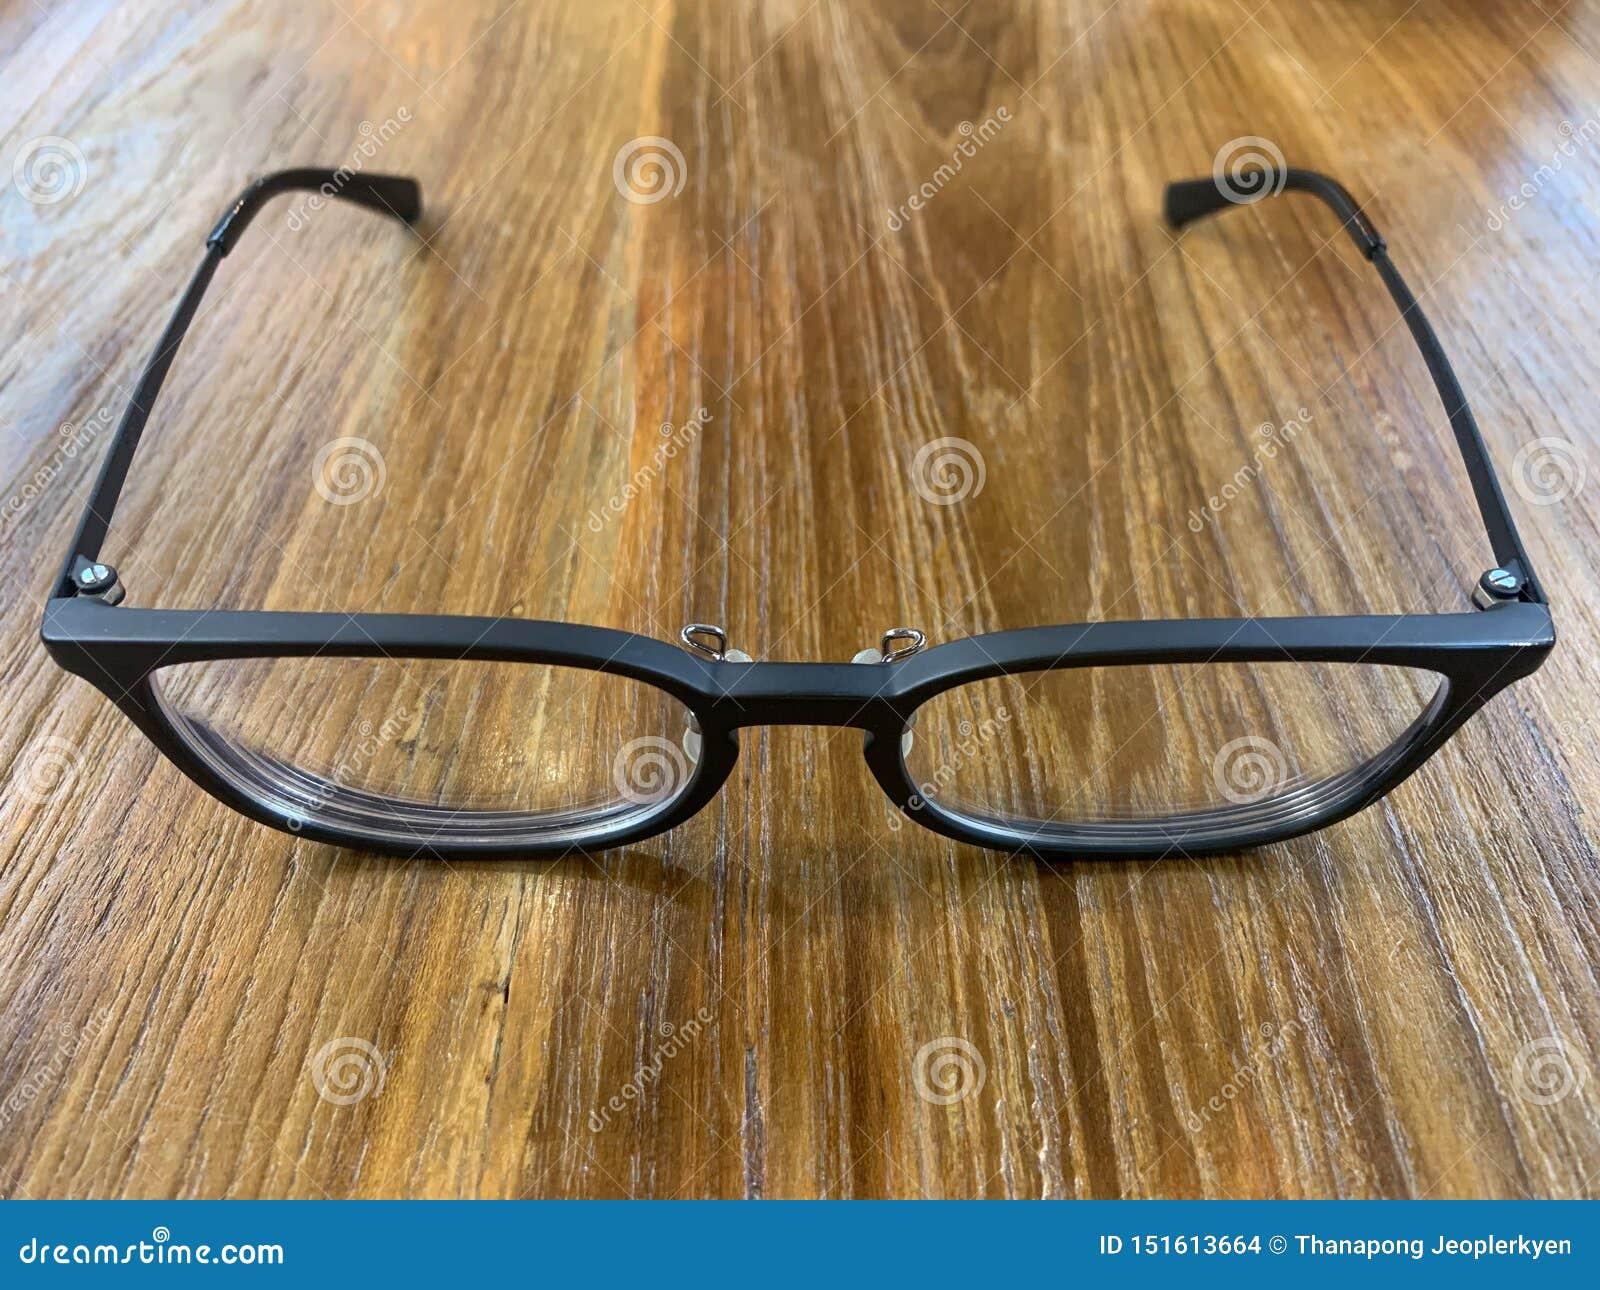 Μαύρα γυαλιά στο επιτραπέζιο υπόβαθρο